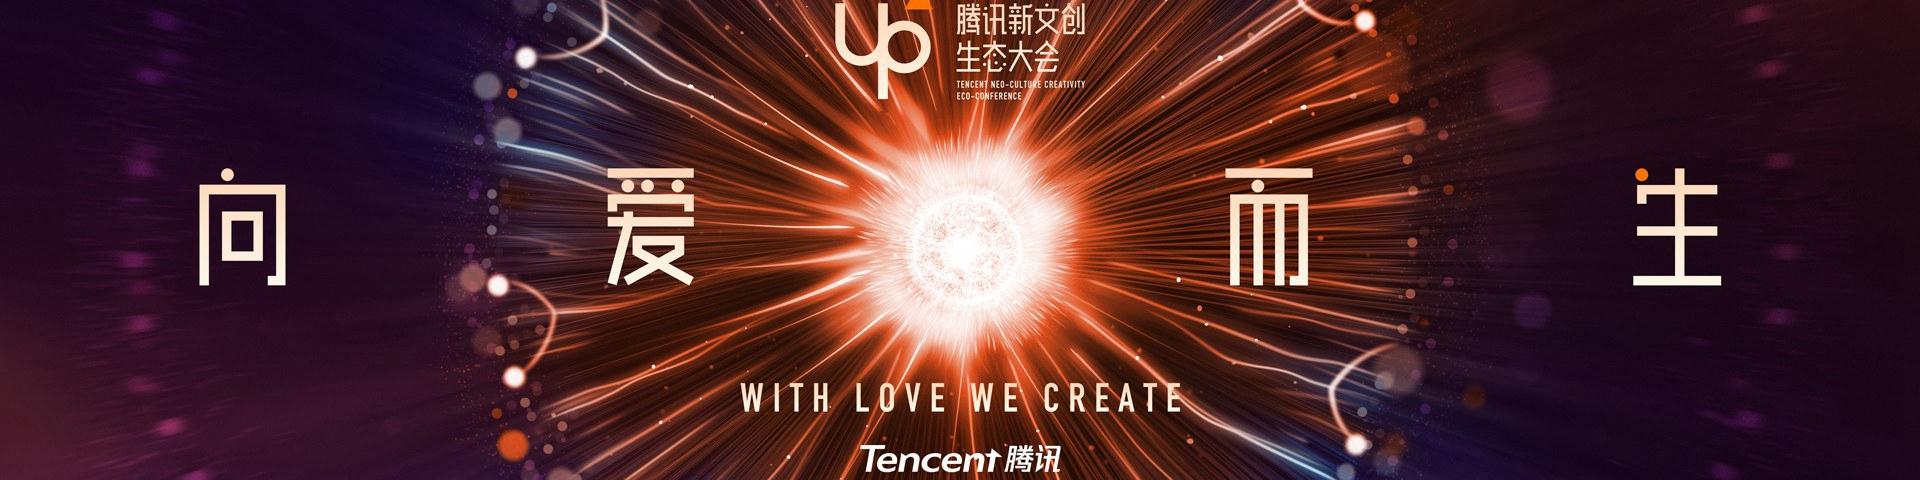 UP2018腾讯新文创生态大会 当乐专题报道